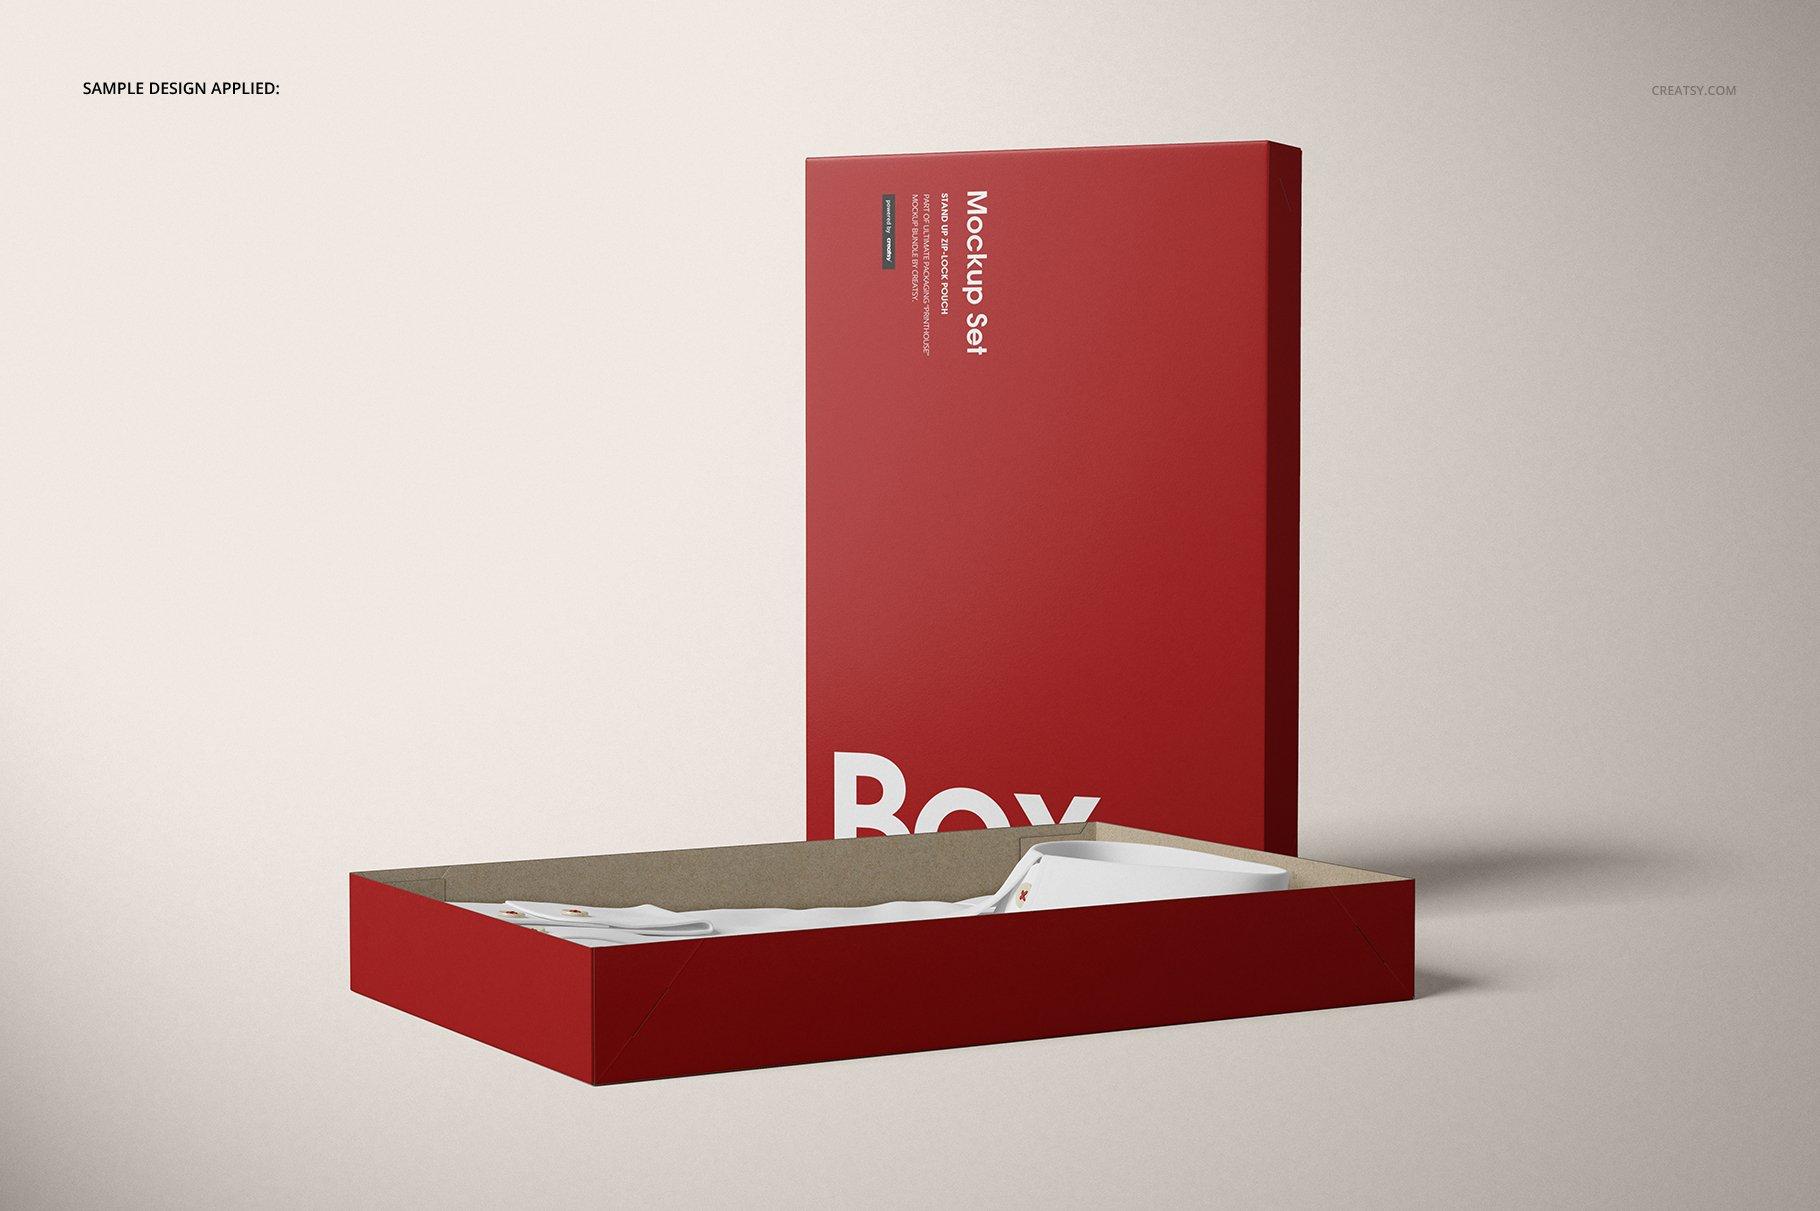 现代时尚服装纸盒设计展示贴图样机模板合集 2-Piece Apparel Box Mockup Set插图(8)